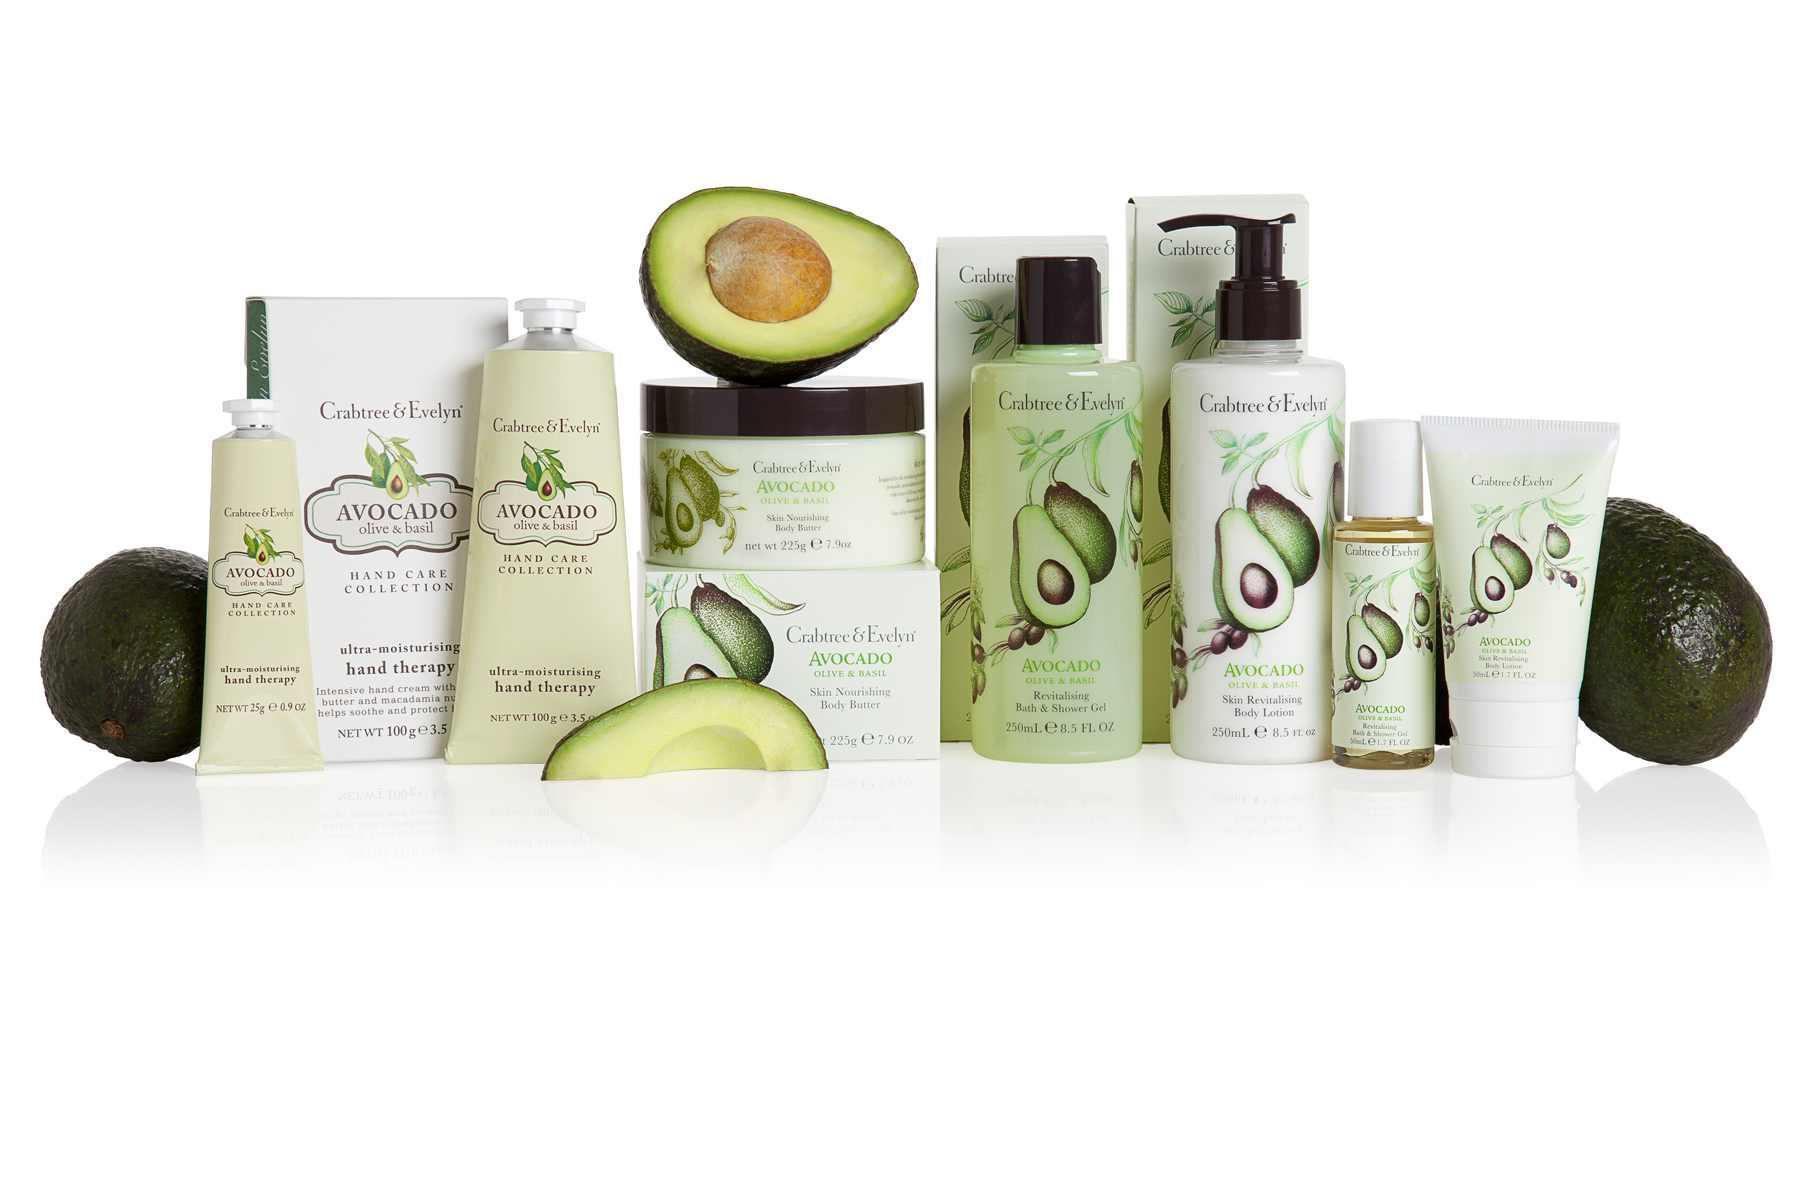 Основу новой коллекции составляют авокадо, оливки и базилик